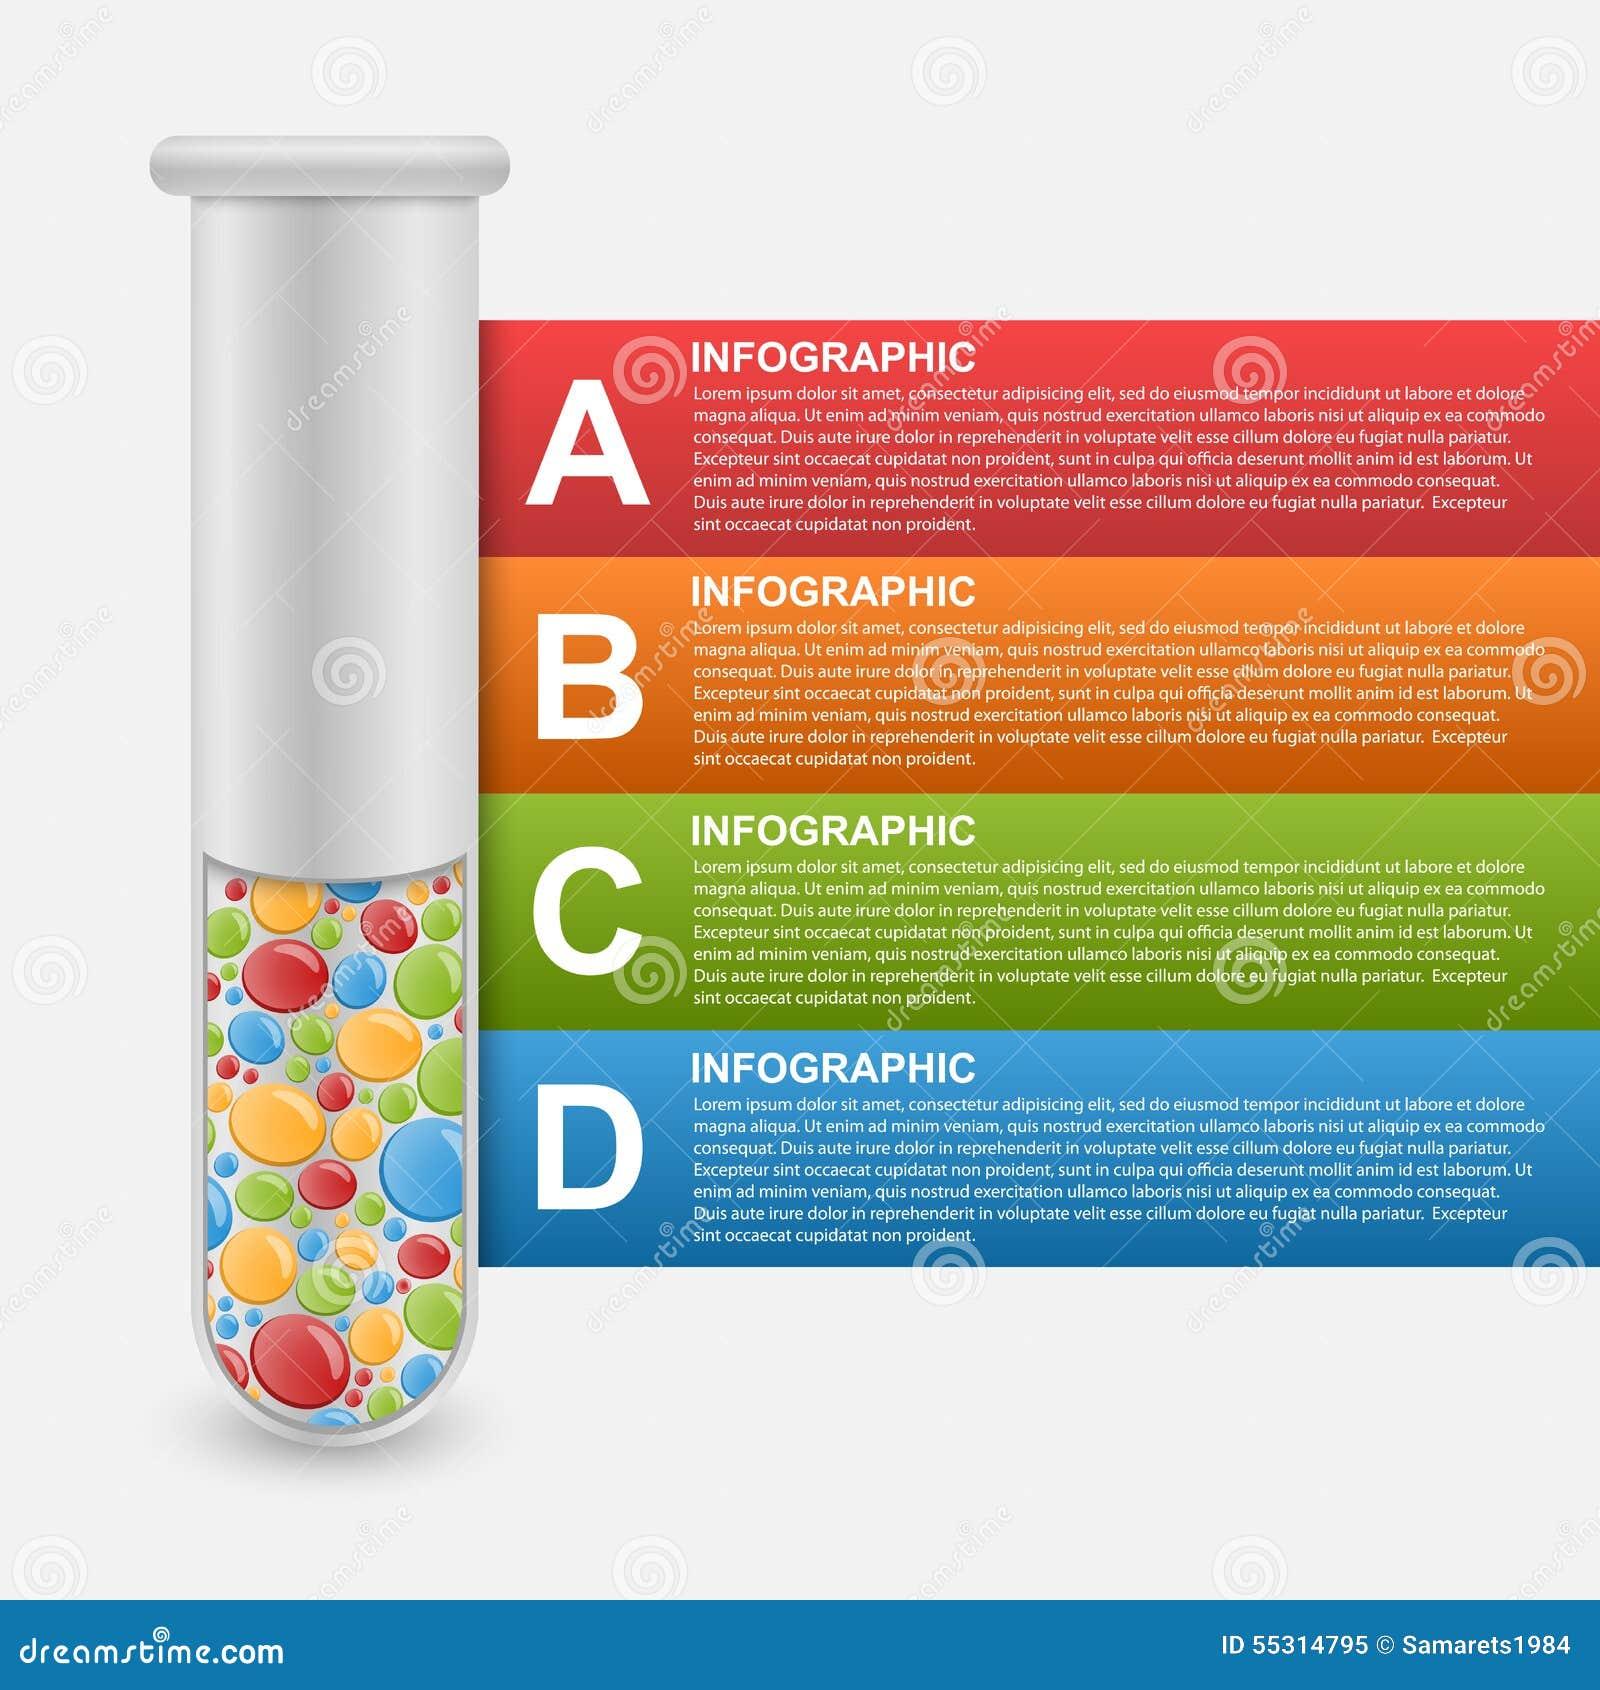 Modernt infographic på vetenskap och medicin i form av provrör